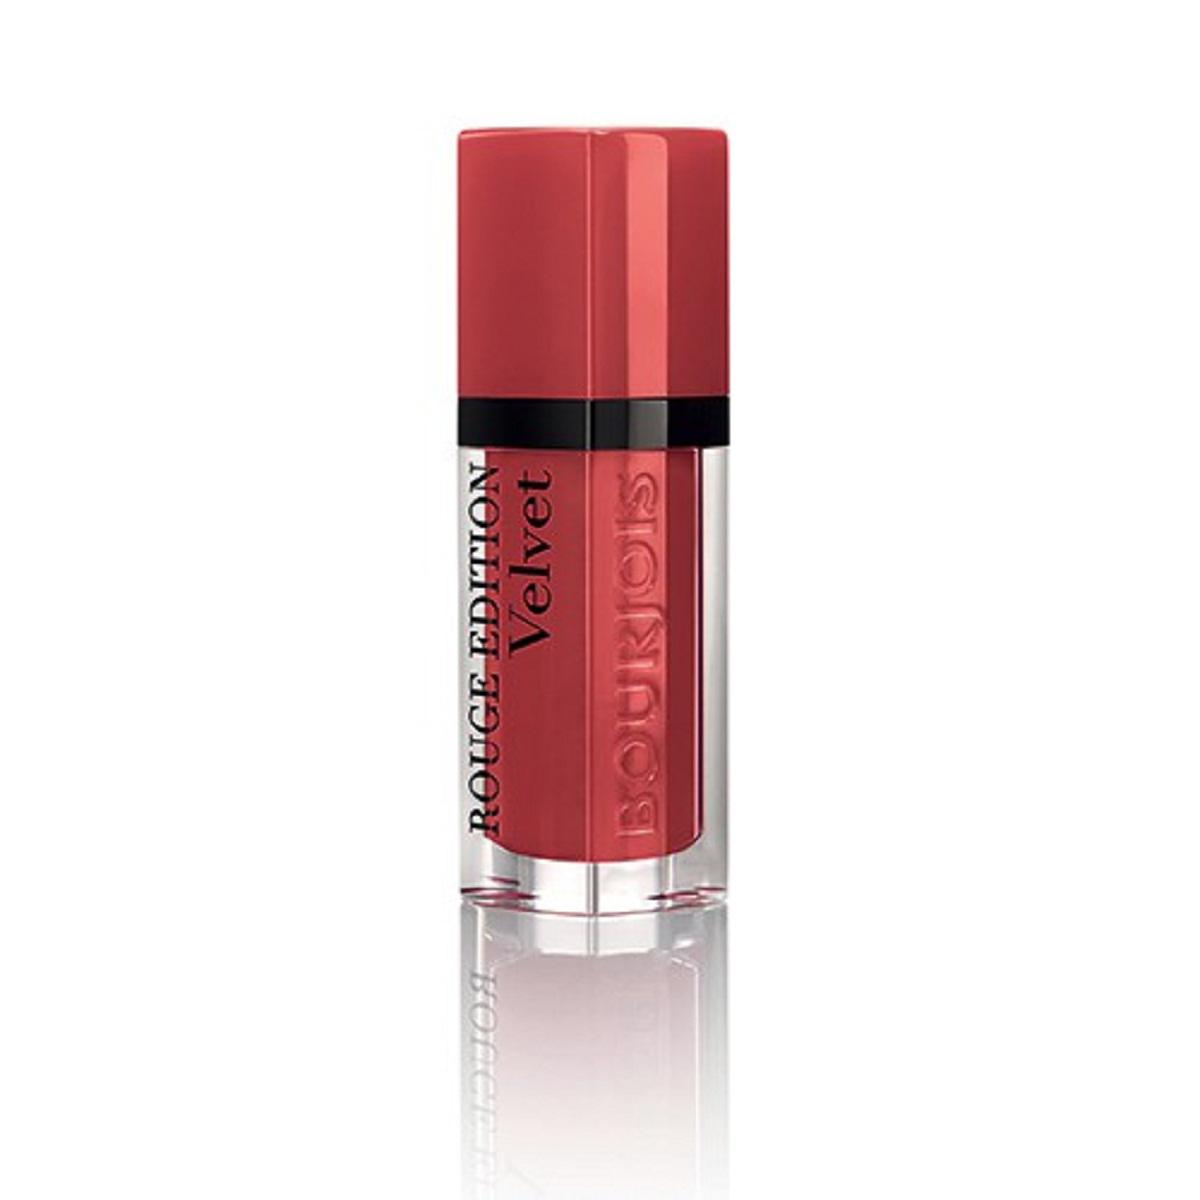 Bourjois Rouge Edition Velvet Бархатный флюид для губ тон 04 6,7 мл29101273004Бархатная воздушная текстура не ощущается на губах Матовая текстура долго держится на губах и имеет насыщенный цвет благодаря чистому пигменту